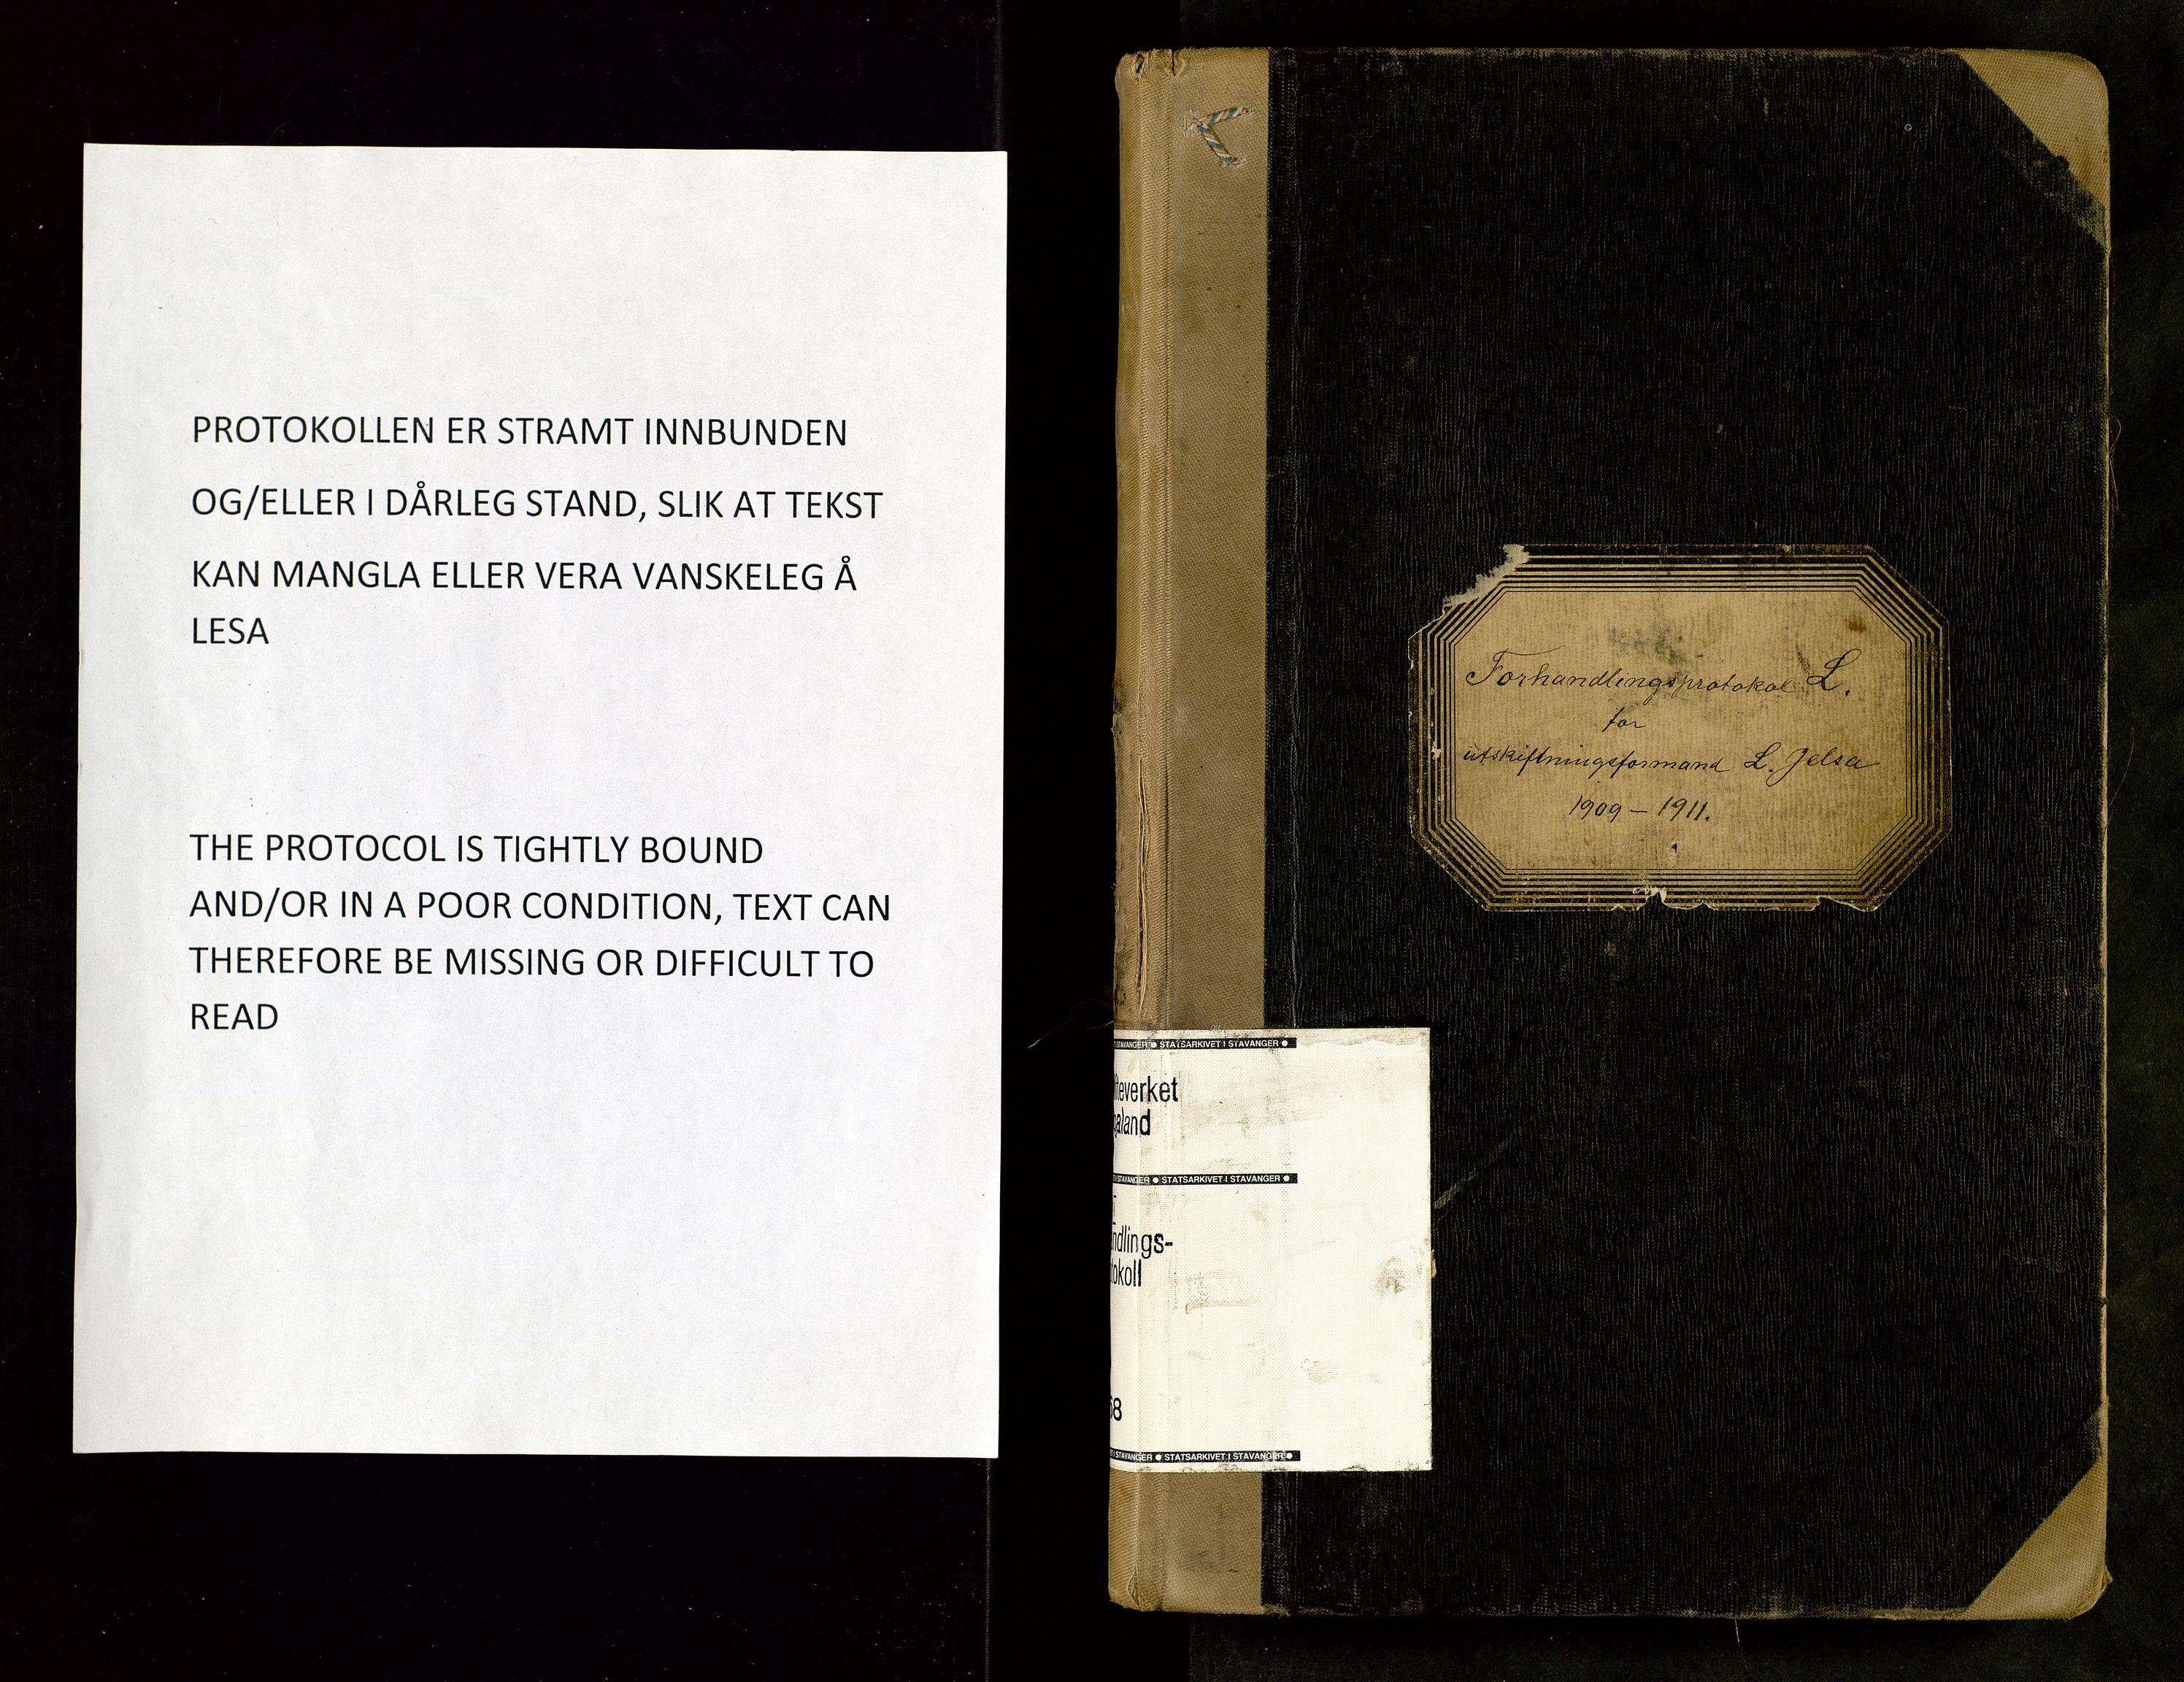 SAST, Rogaland jordskifterett, Oa/L0068: Forhandlingsprotokoll, 1909-1911